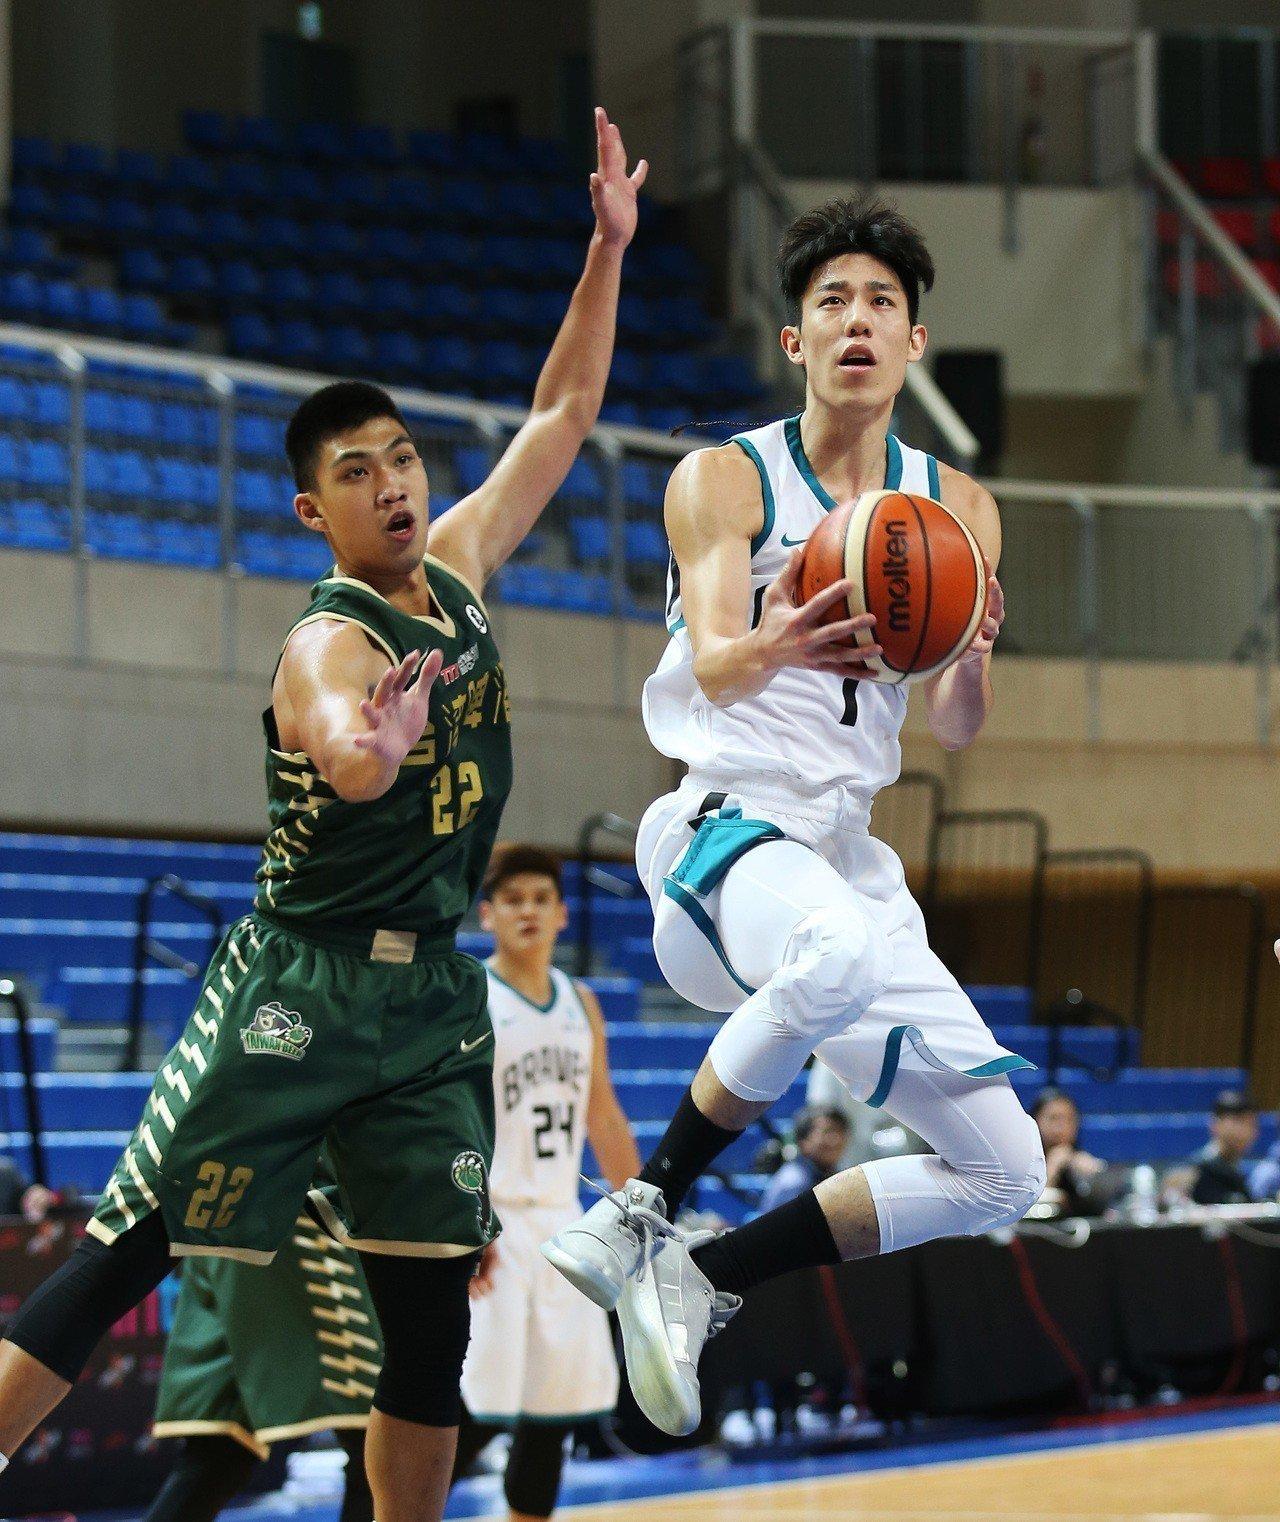 林書緯(右)攻下全場最高的19分。圖/中華籃球協會提供